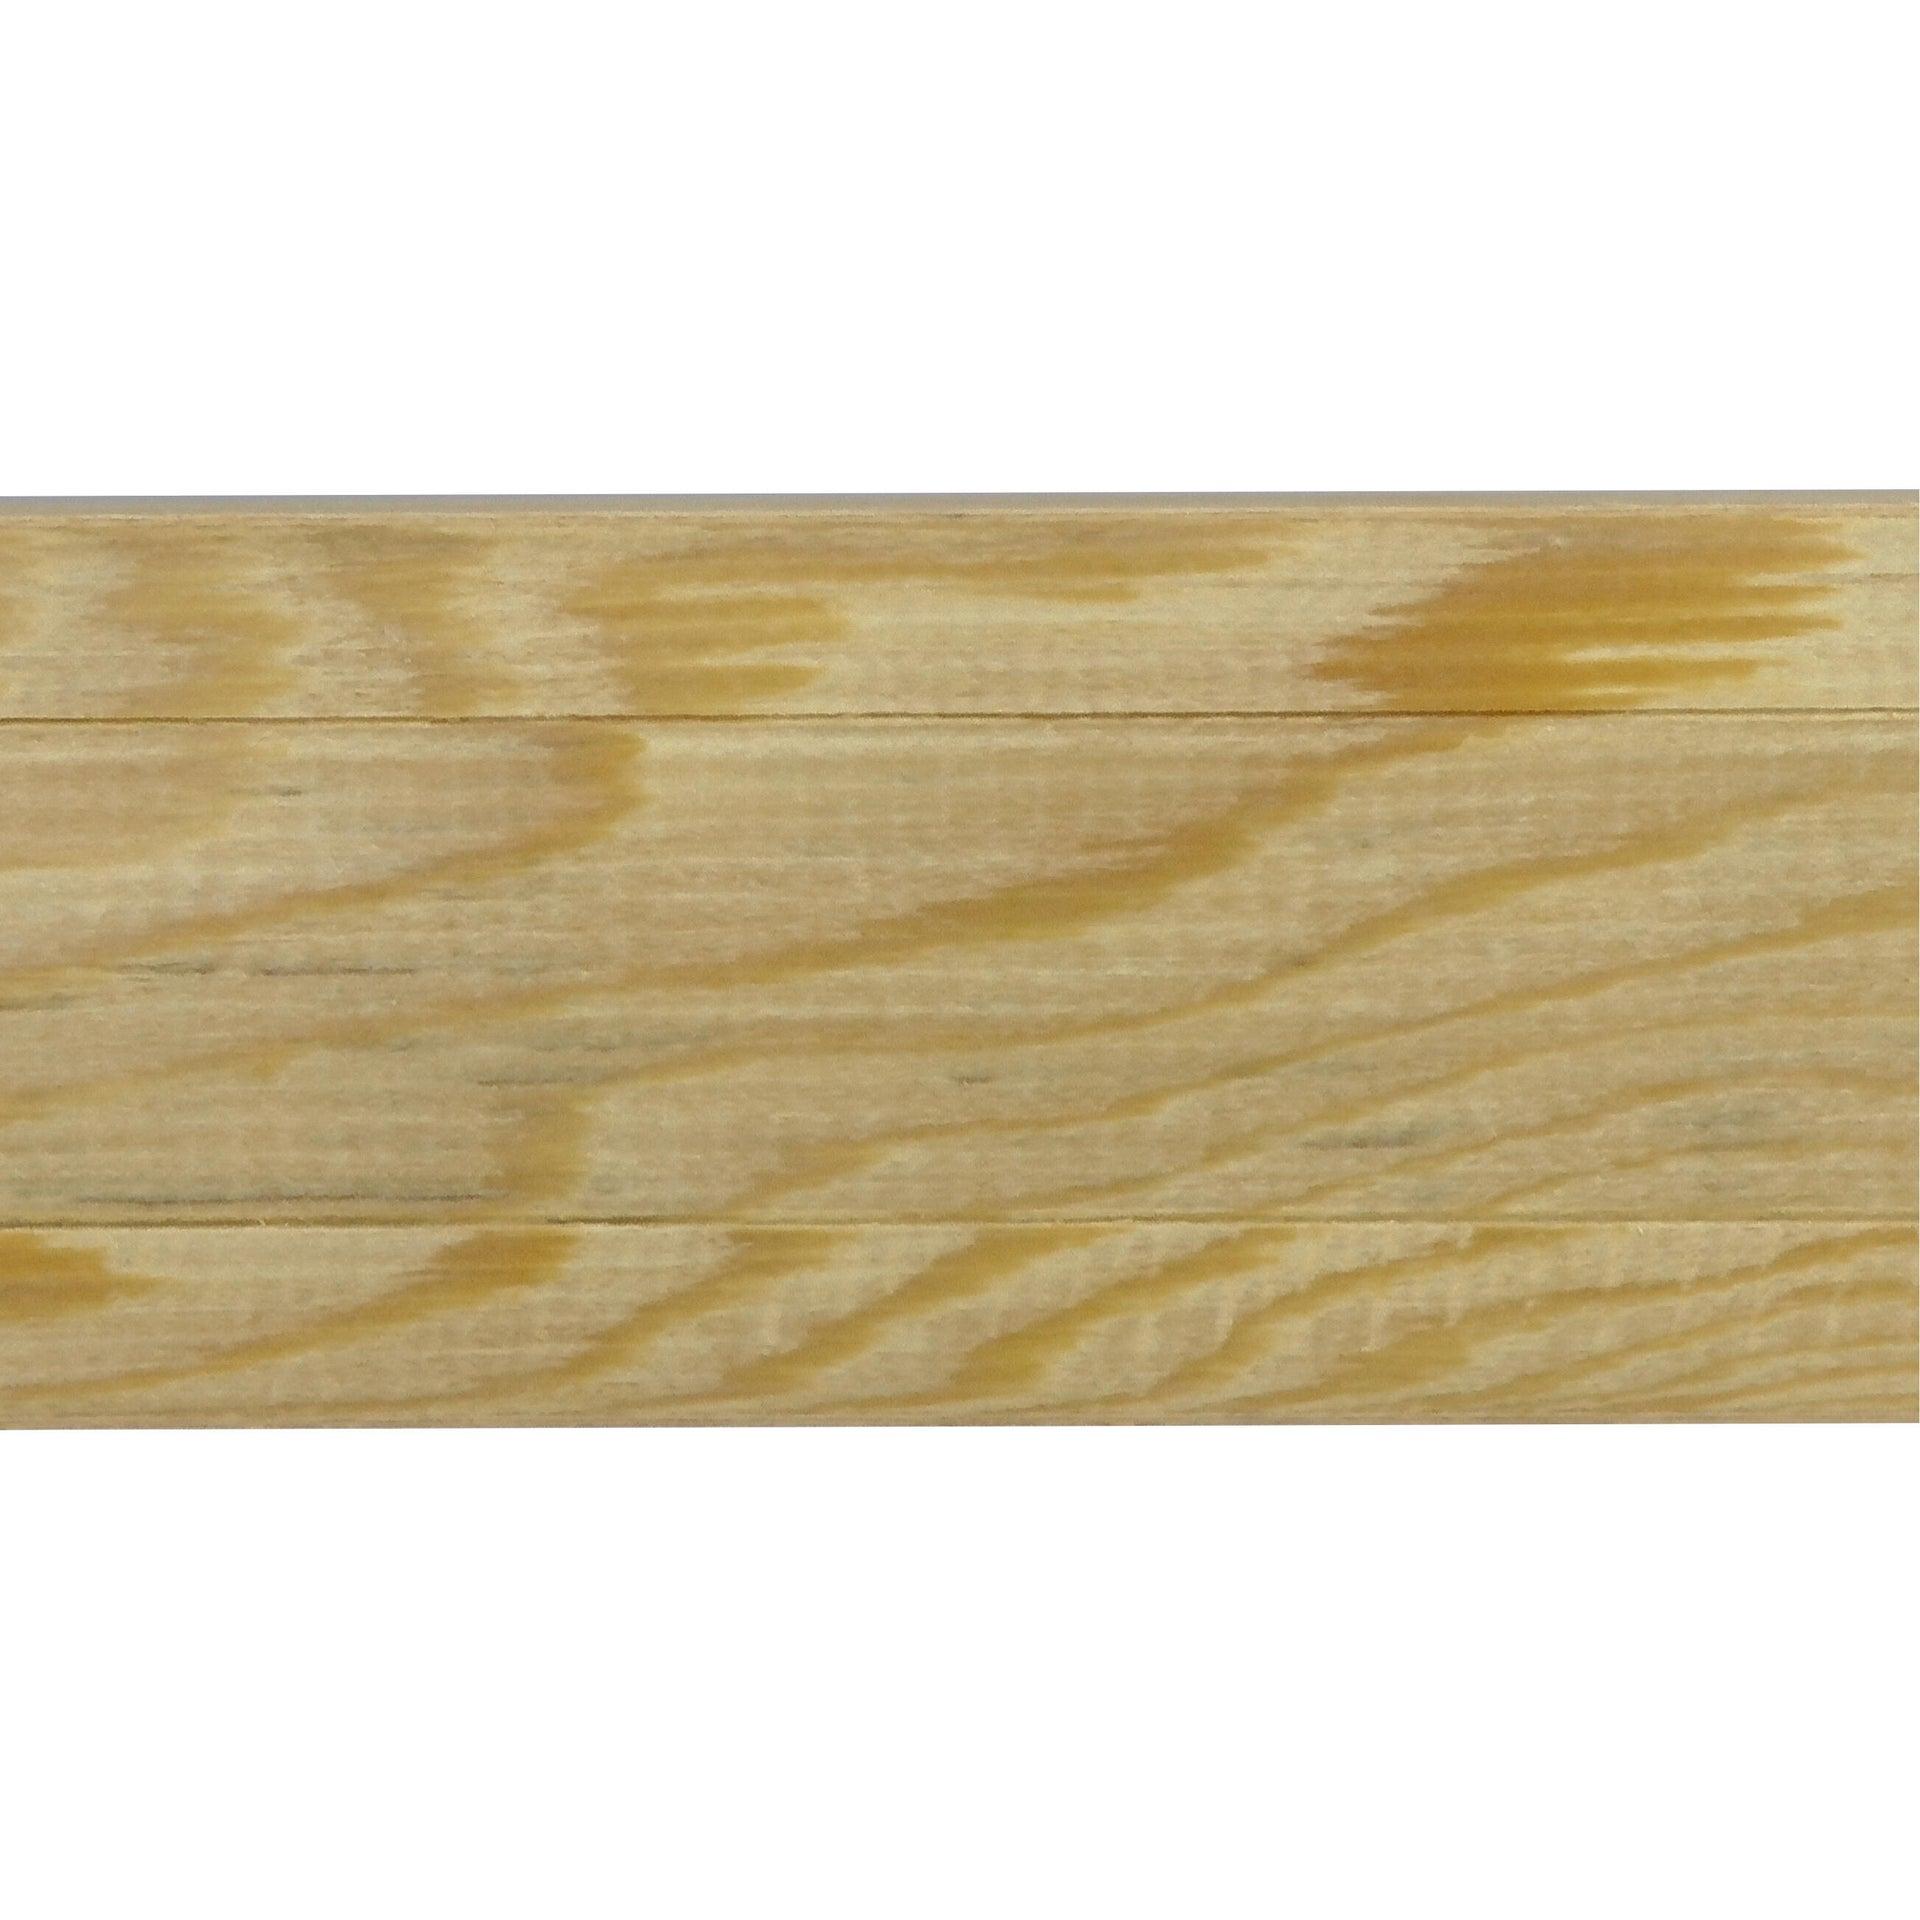 Coprifilo in legno legno massello noce scuro L 2250 x P 10 x H 70 mm - 5